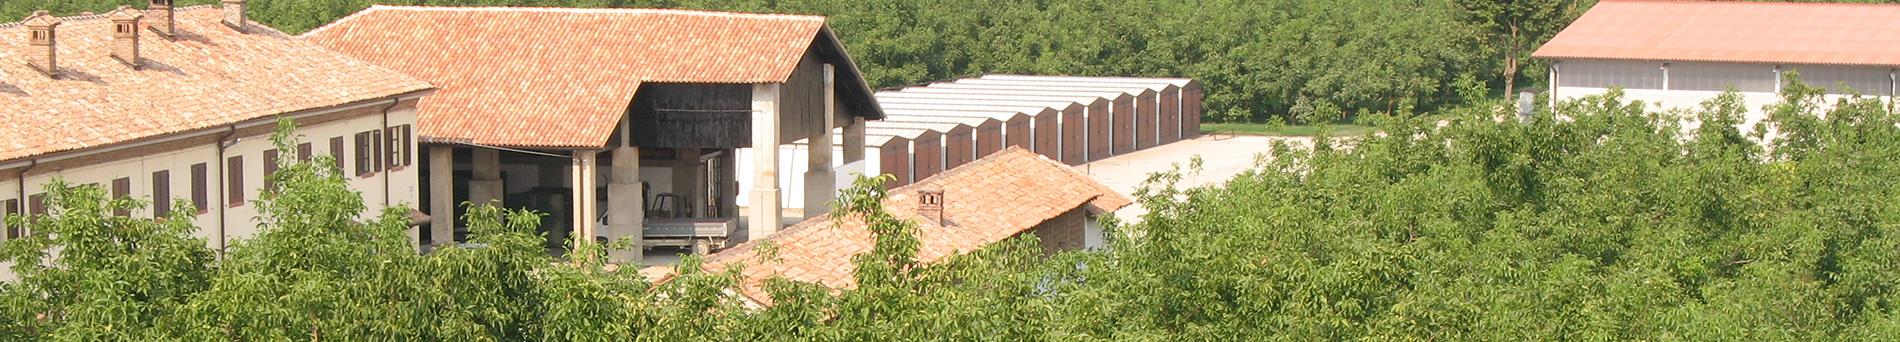 Tenuta Agricorti - Agricorti estate